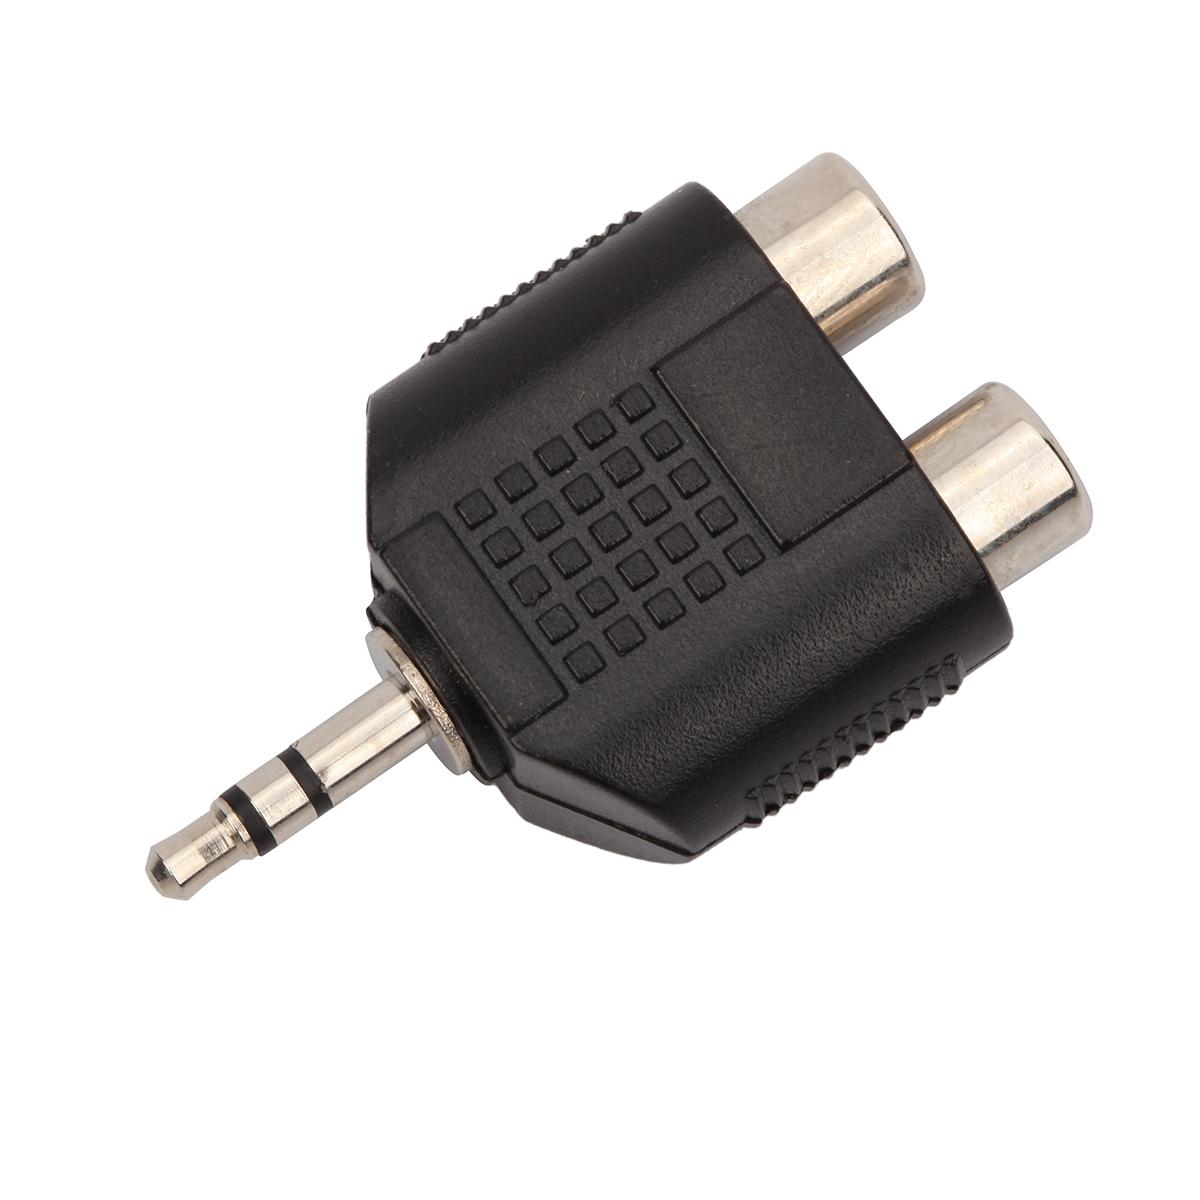 Shiver - Adaptateur 2x RCA femelle / 3,5mm stéréo